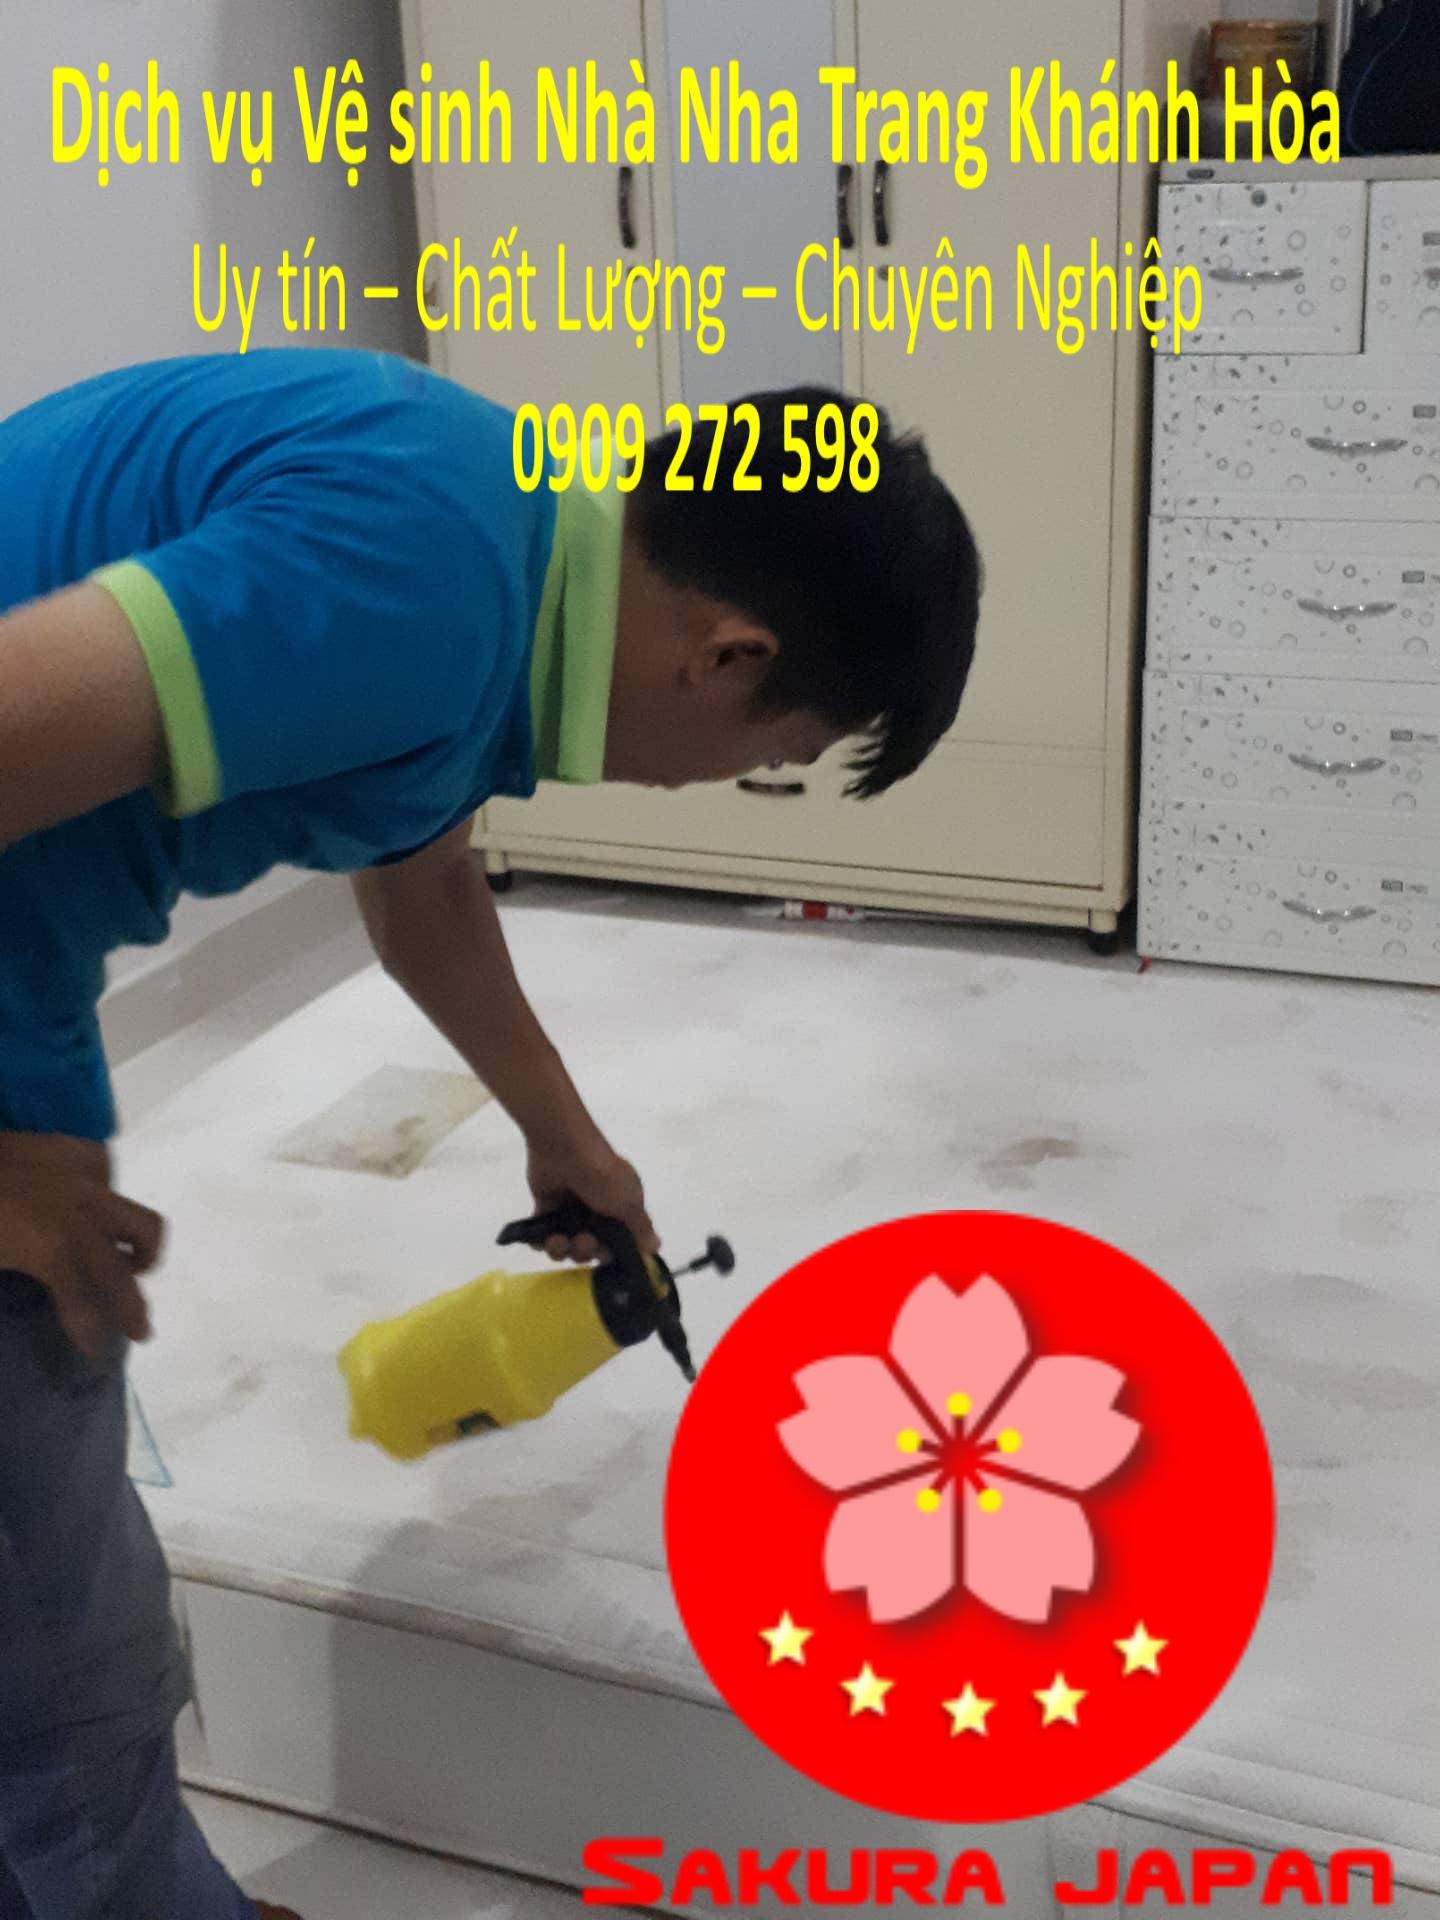 Dịch vụ Giặt Nệm Bông tại Nha Trang Chuyên Nghiệp Giá Rẻ Nhất